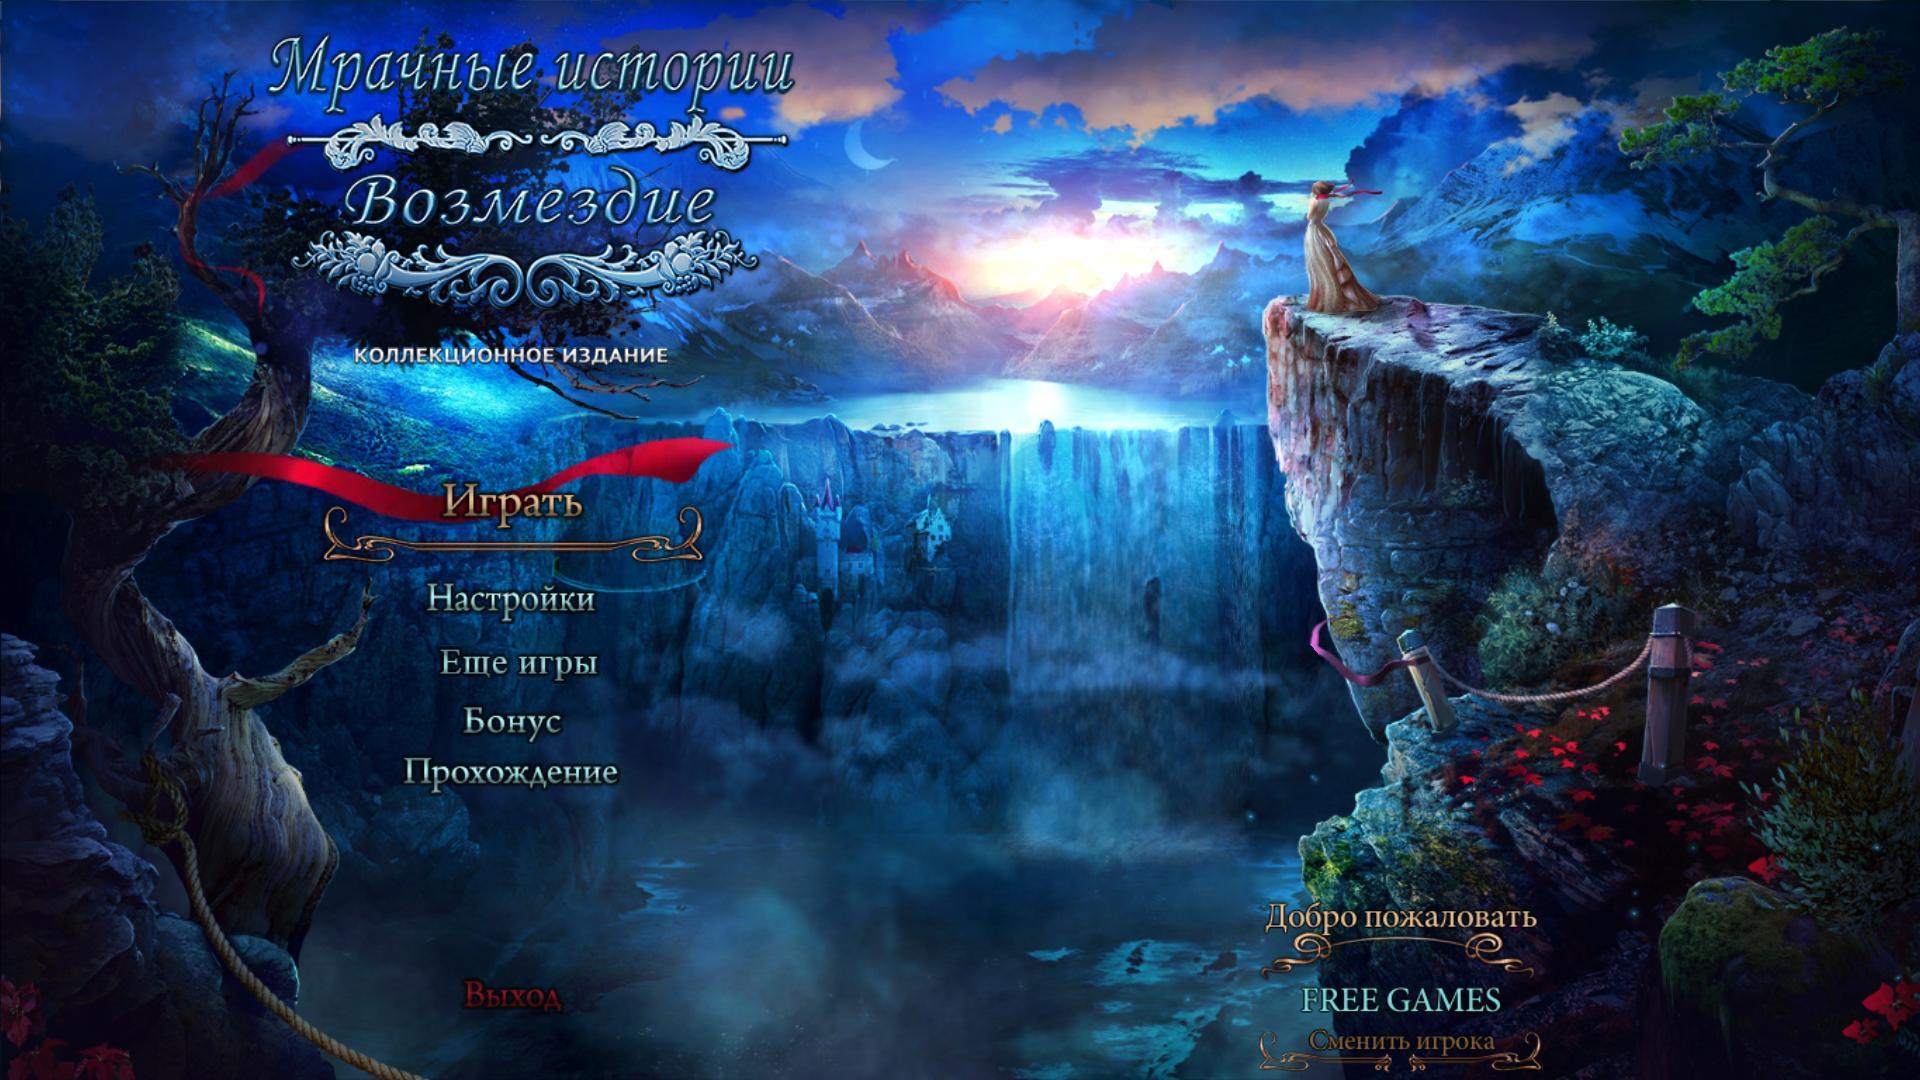 Мрачные истории 6: Возмездие. Коллекционное издание | Grim Tales 6: The Vengeance CE (Rus)